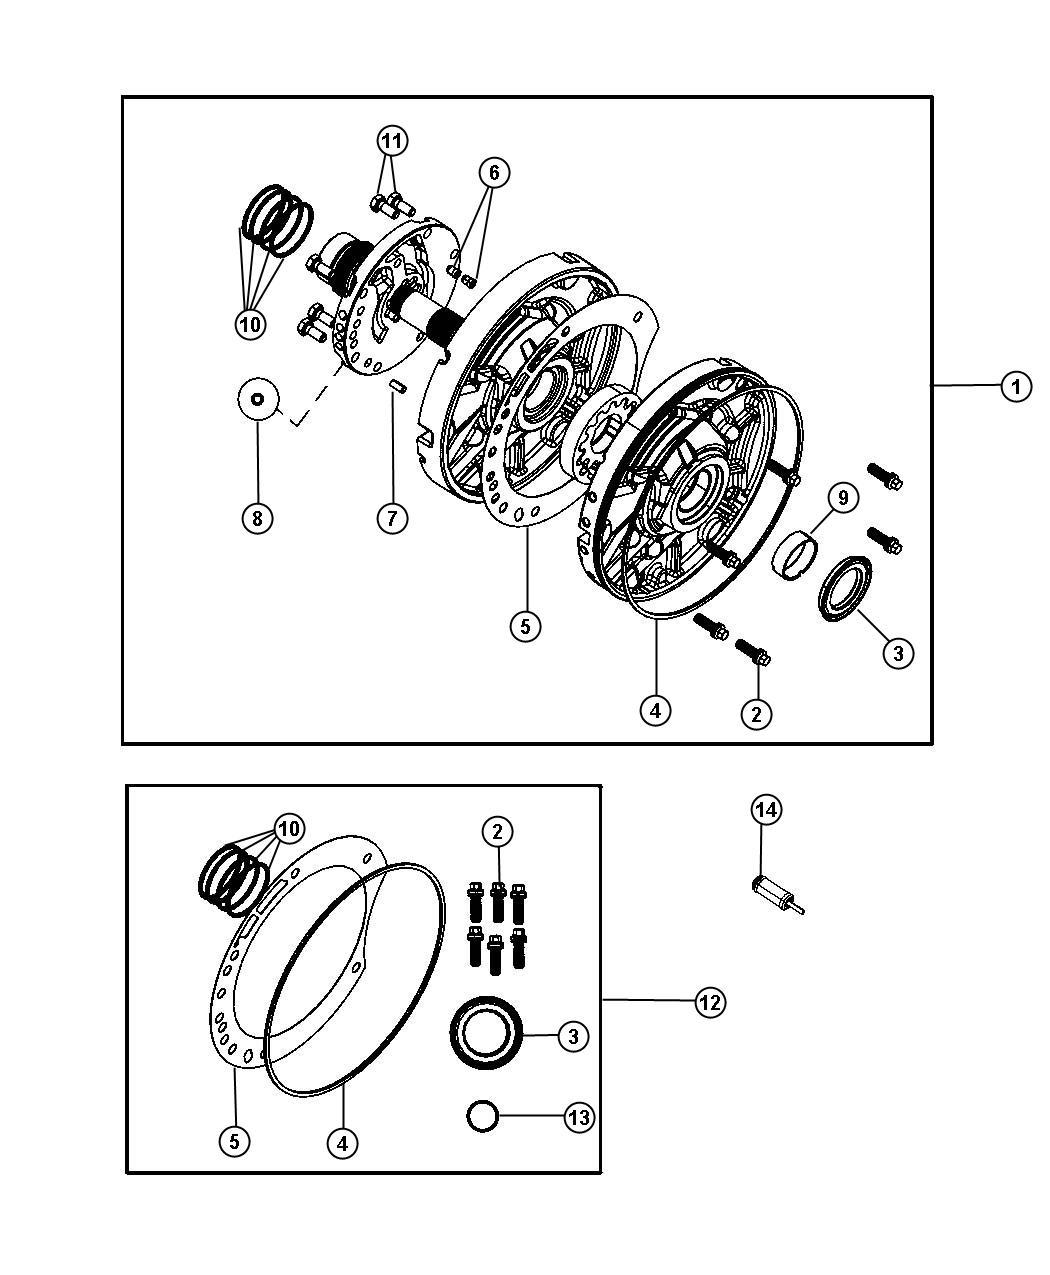 Jeep Wrangler Ball Check Valve Body Check Cooler Bypass